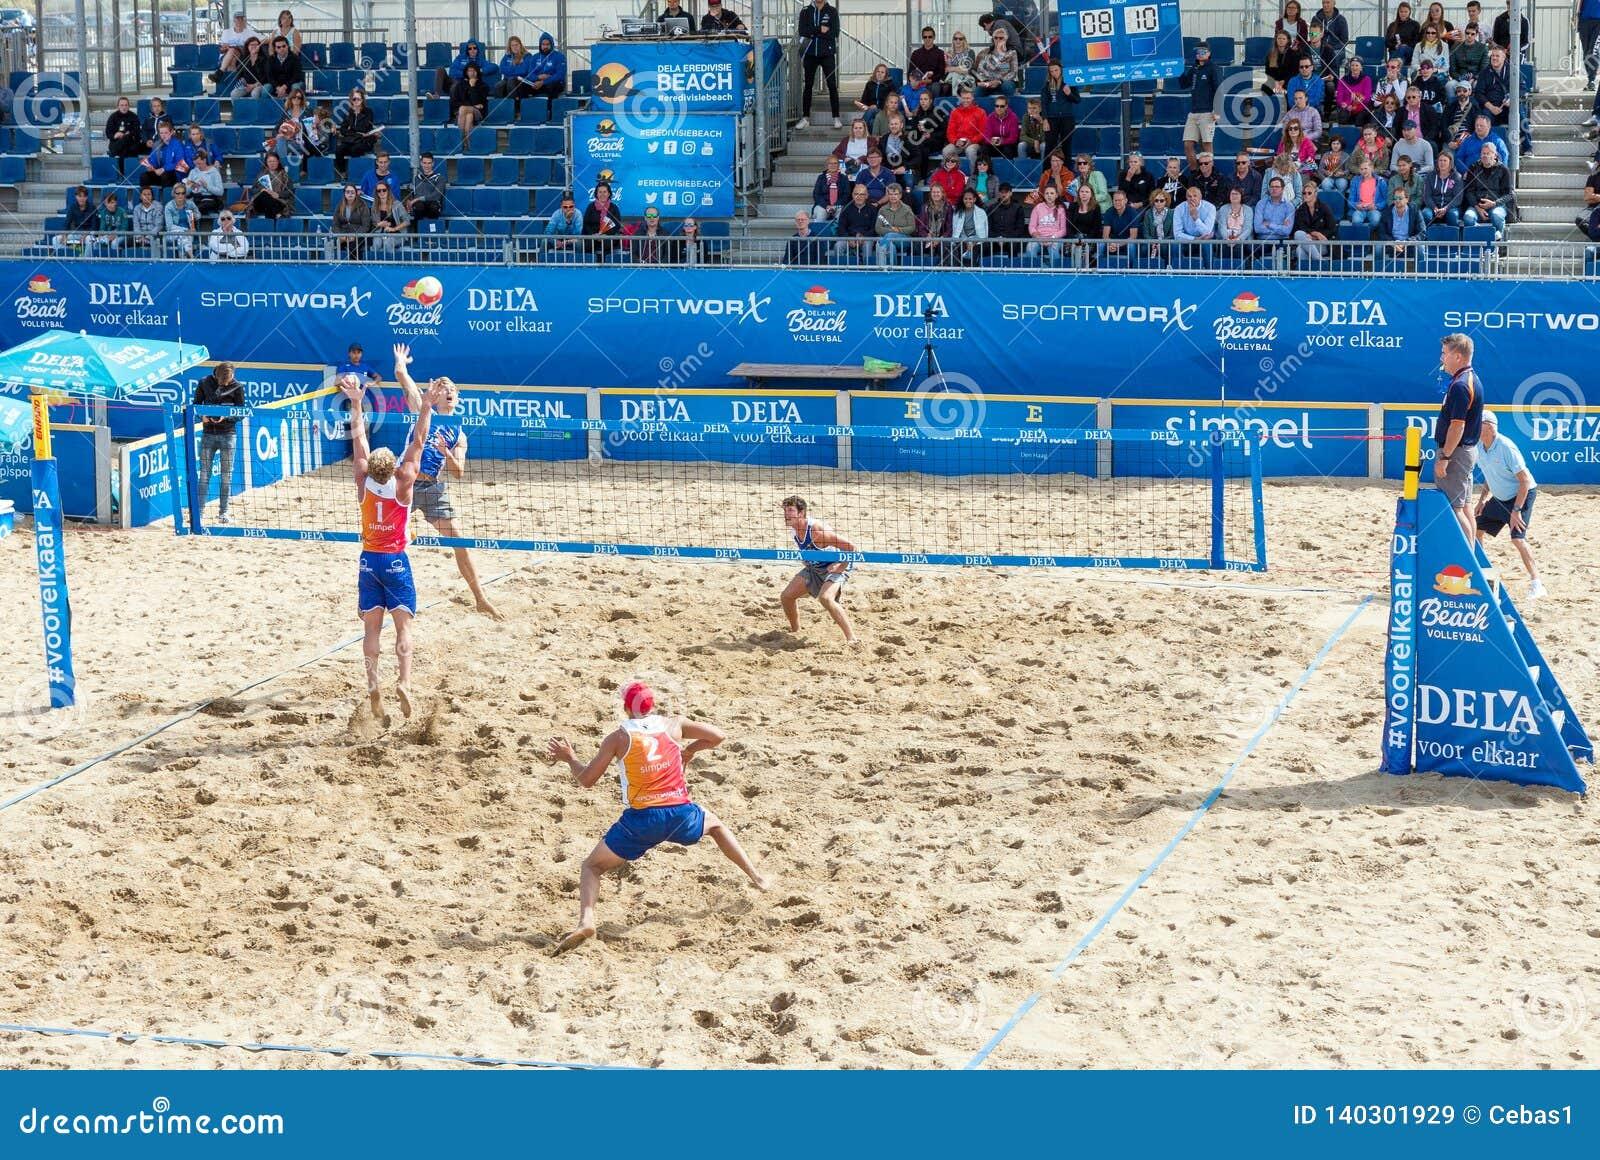 Giovani che giocano la partita professionale di beach volley in arena all aperto